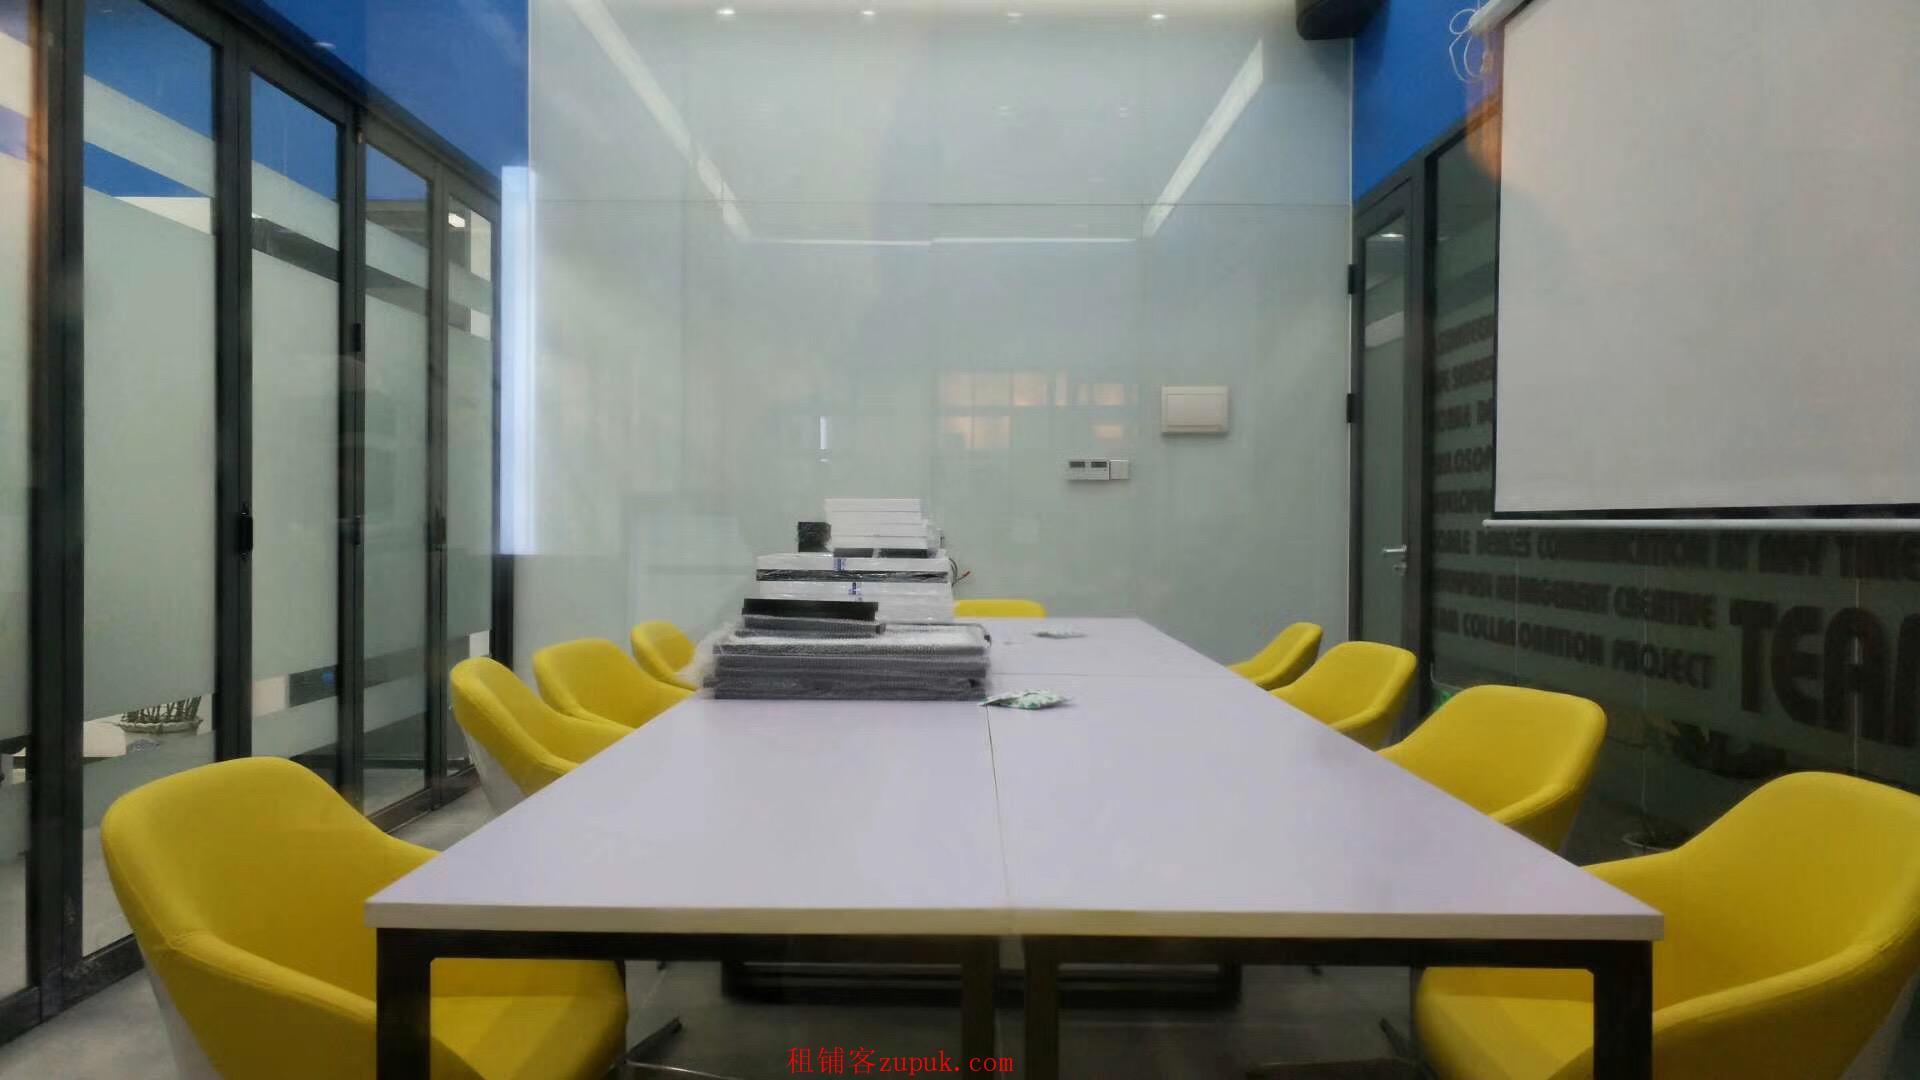 天河 独立办公室实体地址挂靠 注冊变更专享正规安全